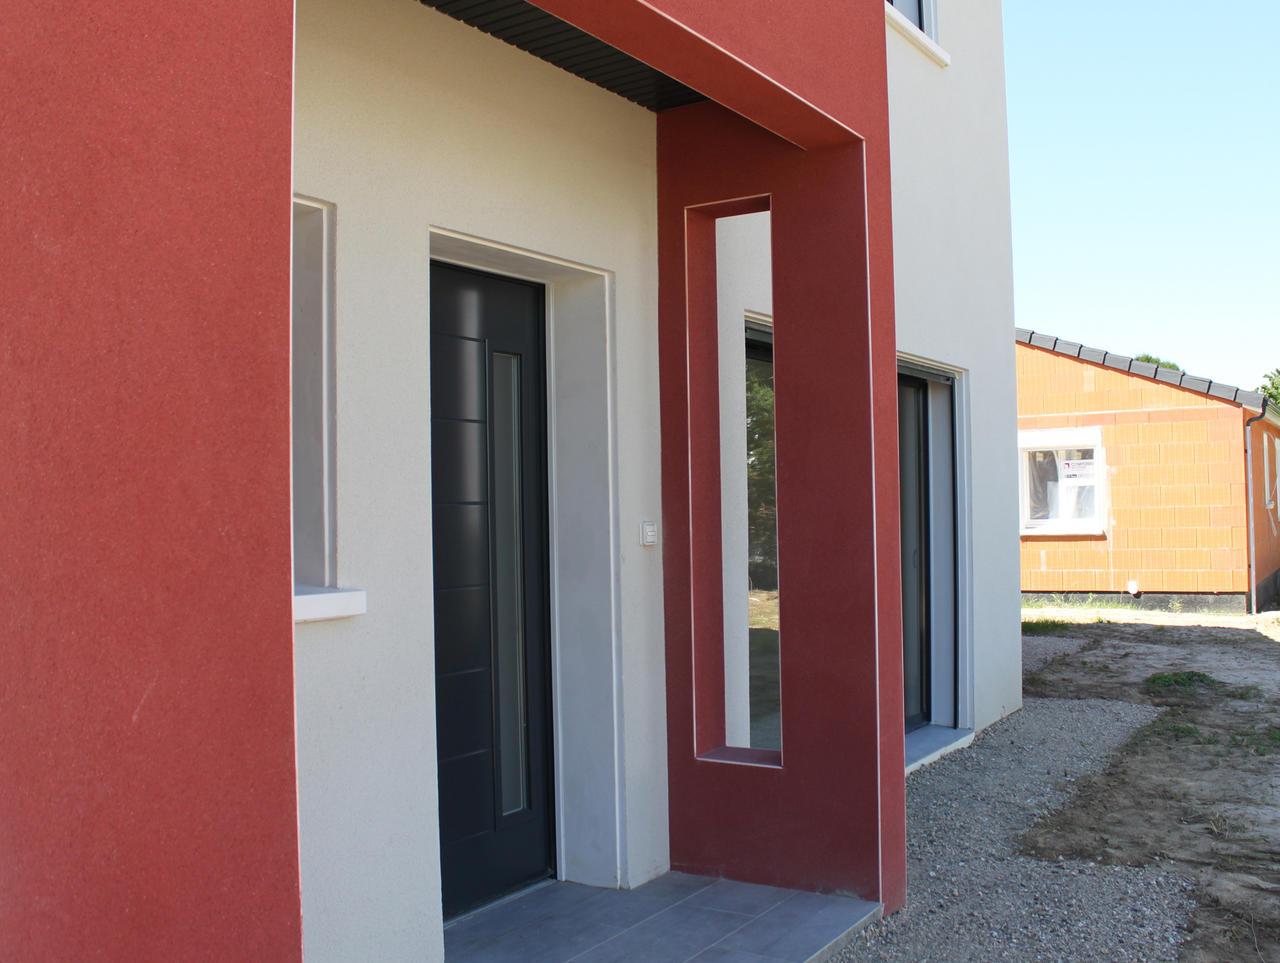 jeux de volumes et de couleurs pour cette p tillante maison familiale en plein centre du passage. Black Bedroom Furniture Sets. Home Design Ideas